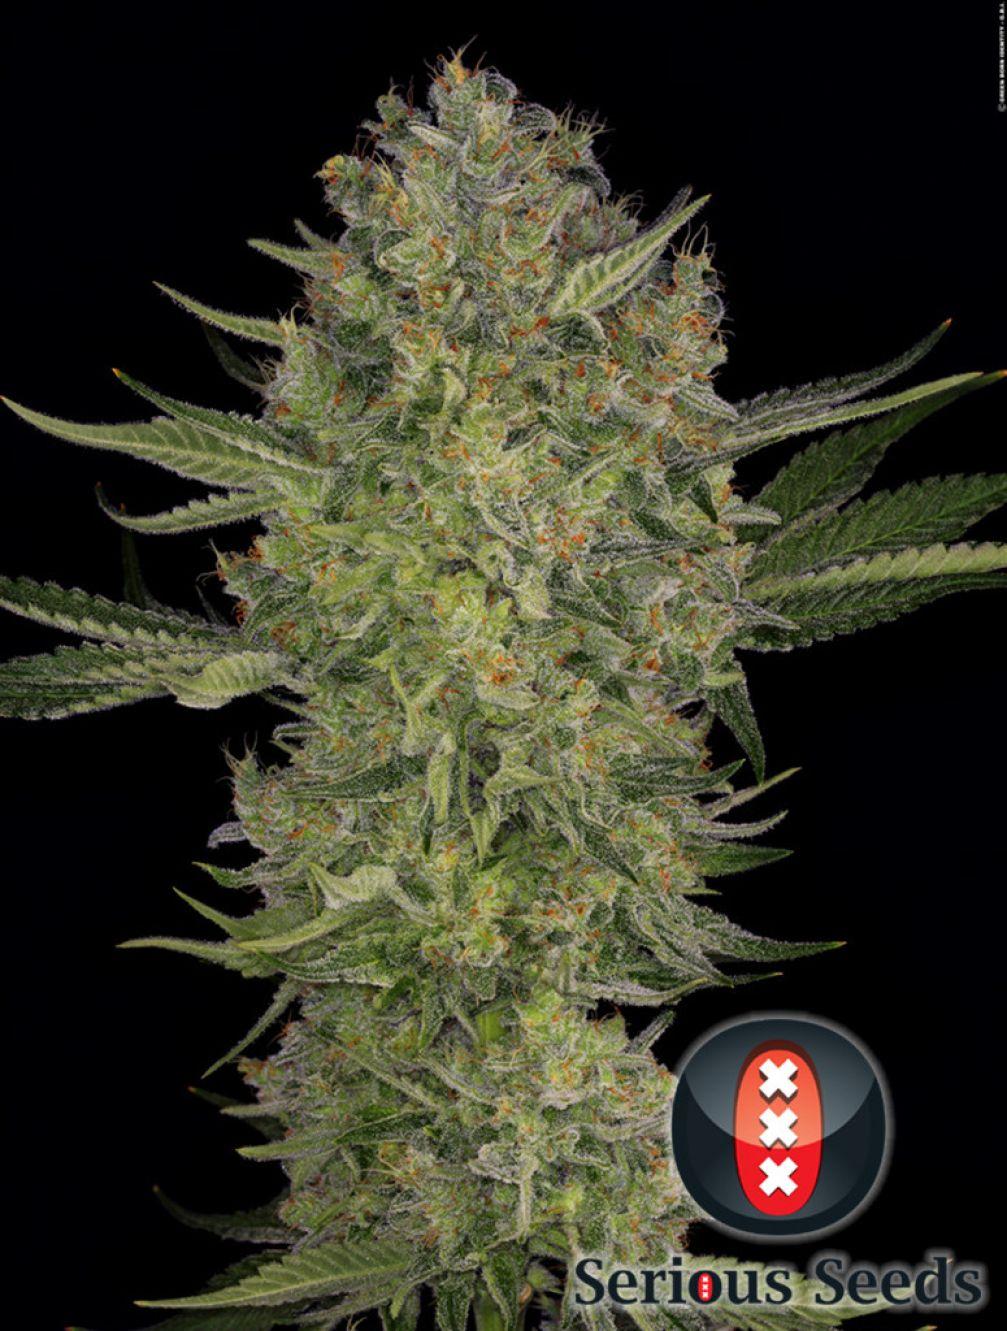 Serious Kush Cannabis Seeds Serious Seeds